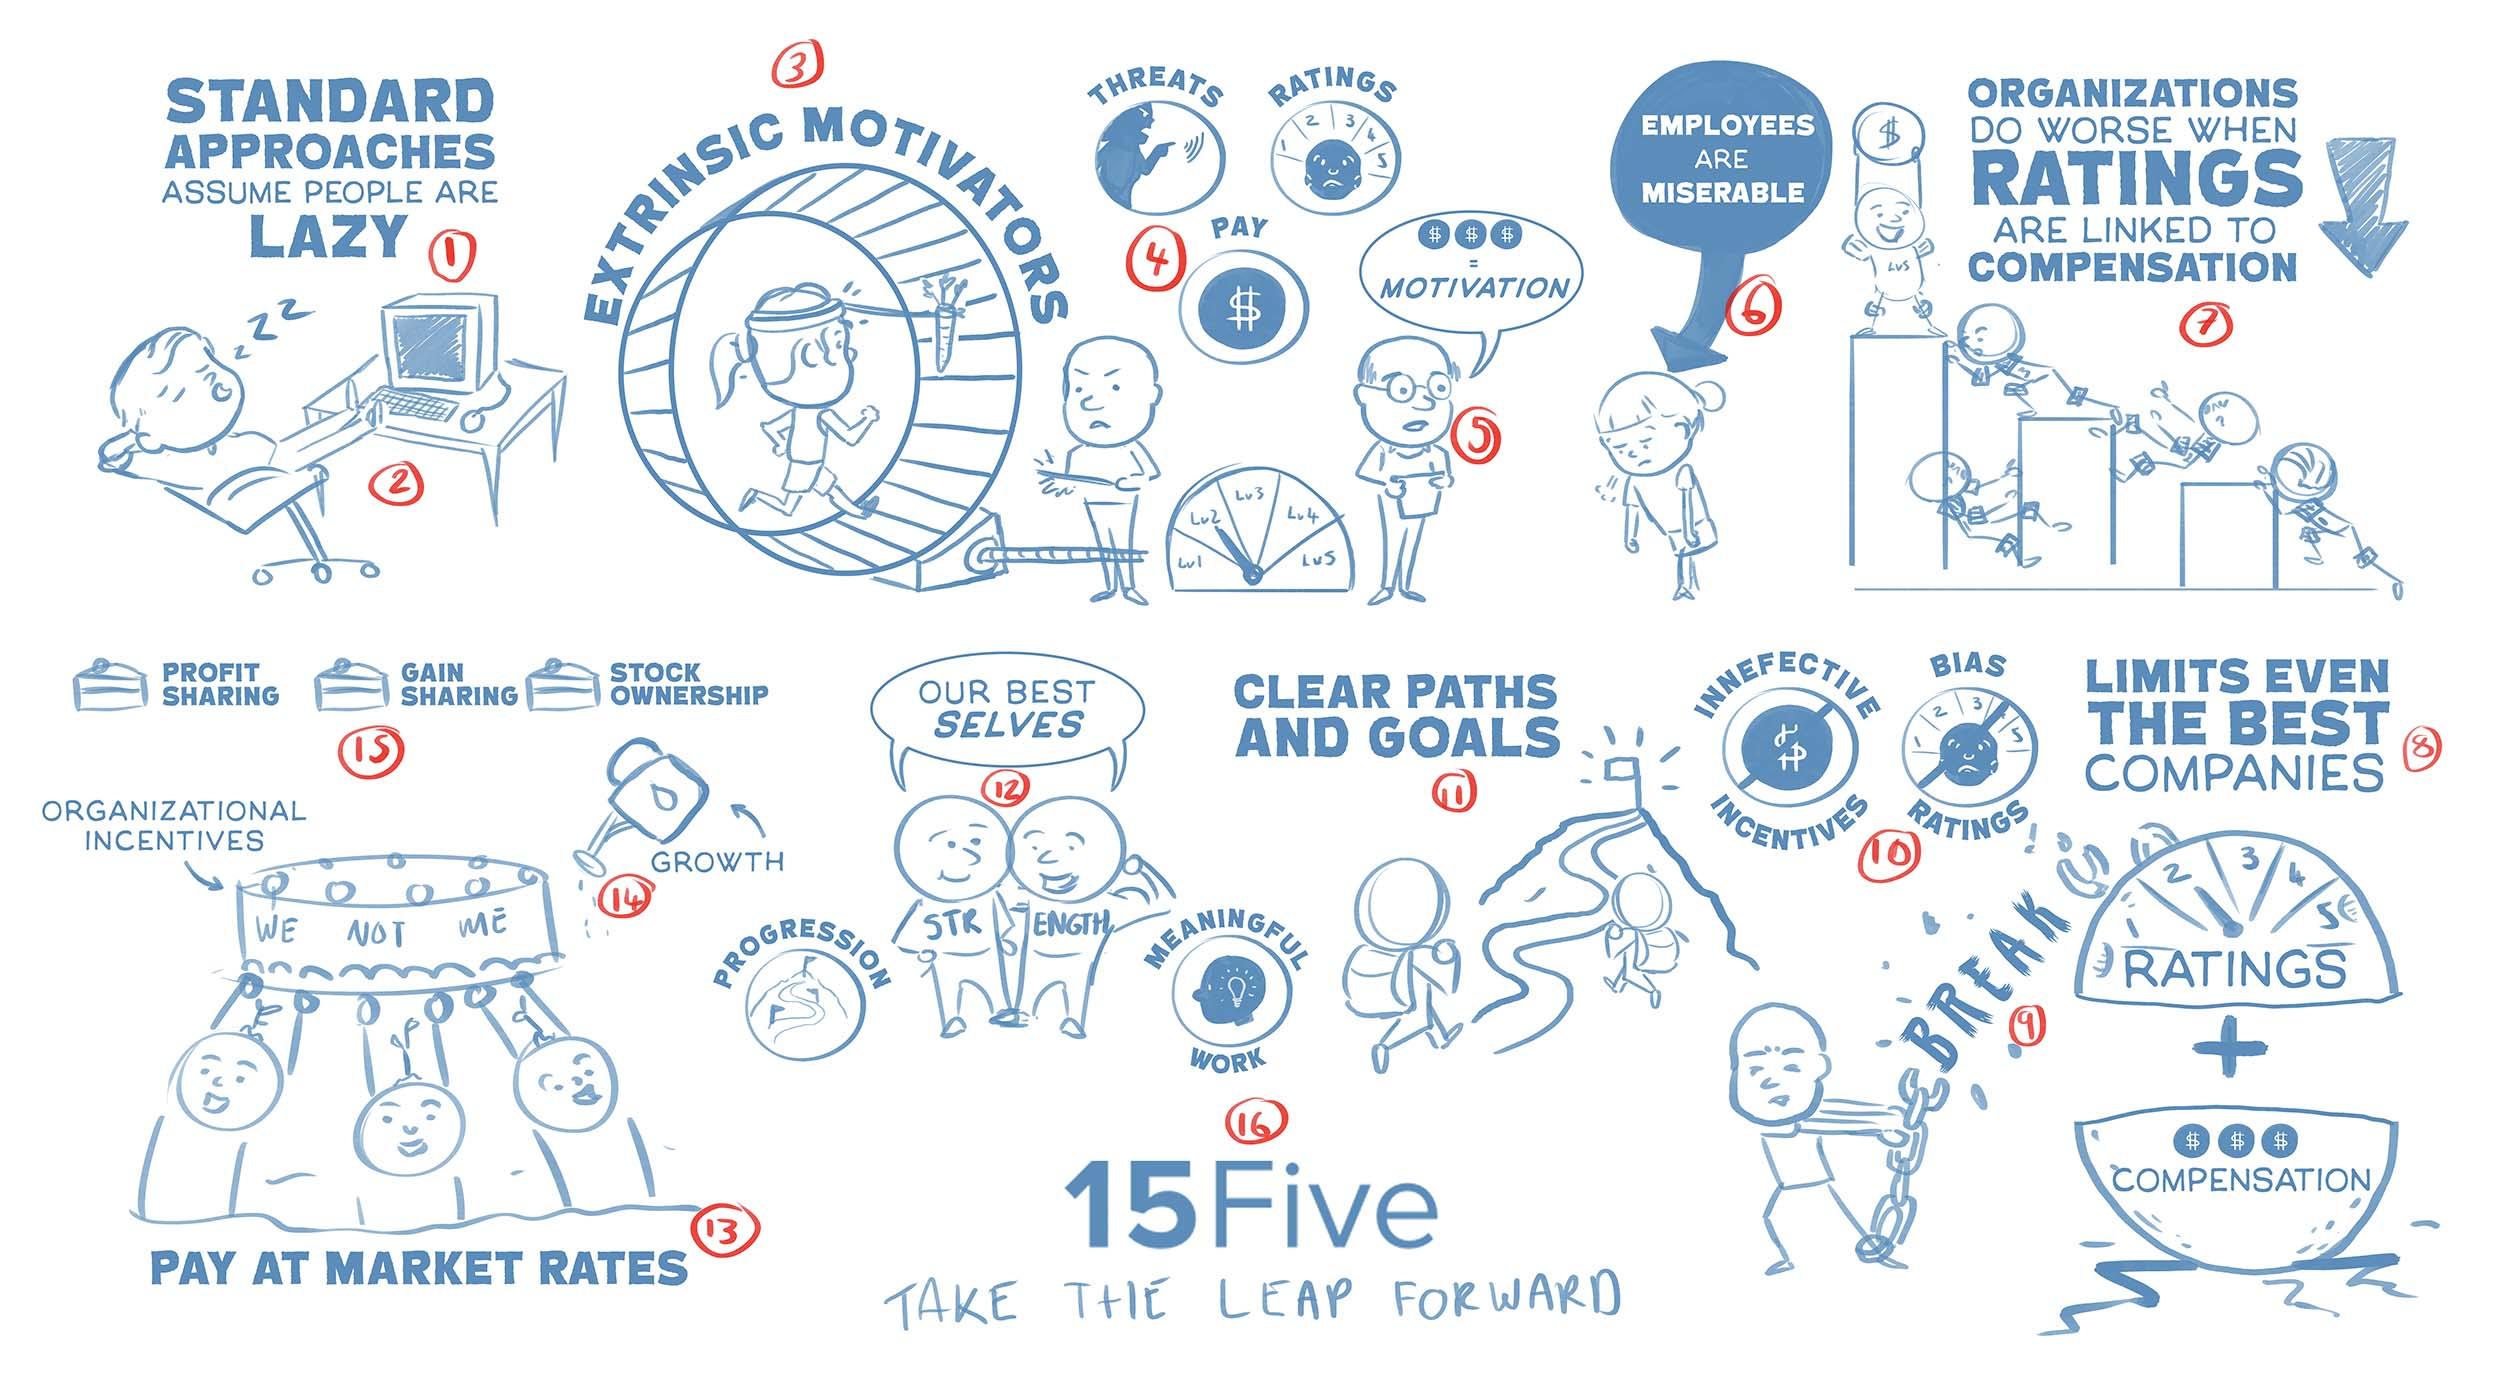 15five scrapbook 4.jpg